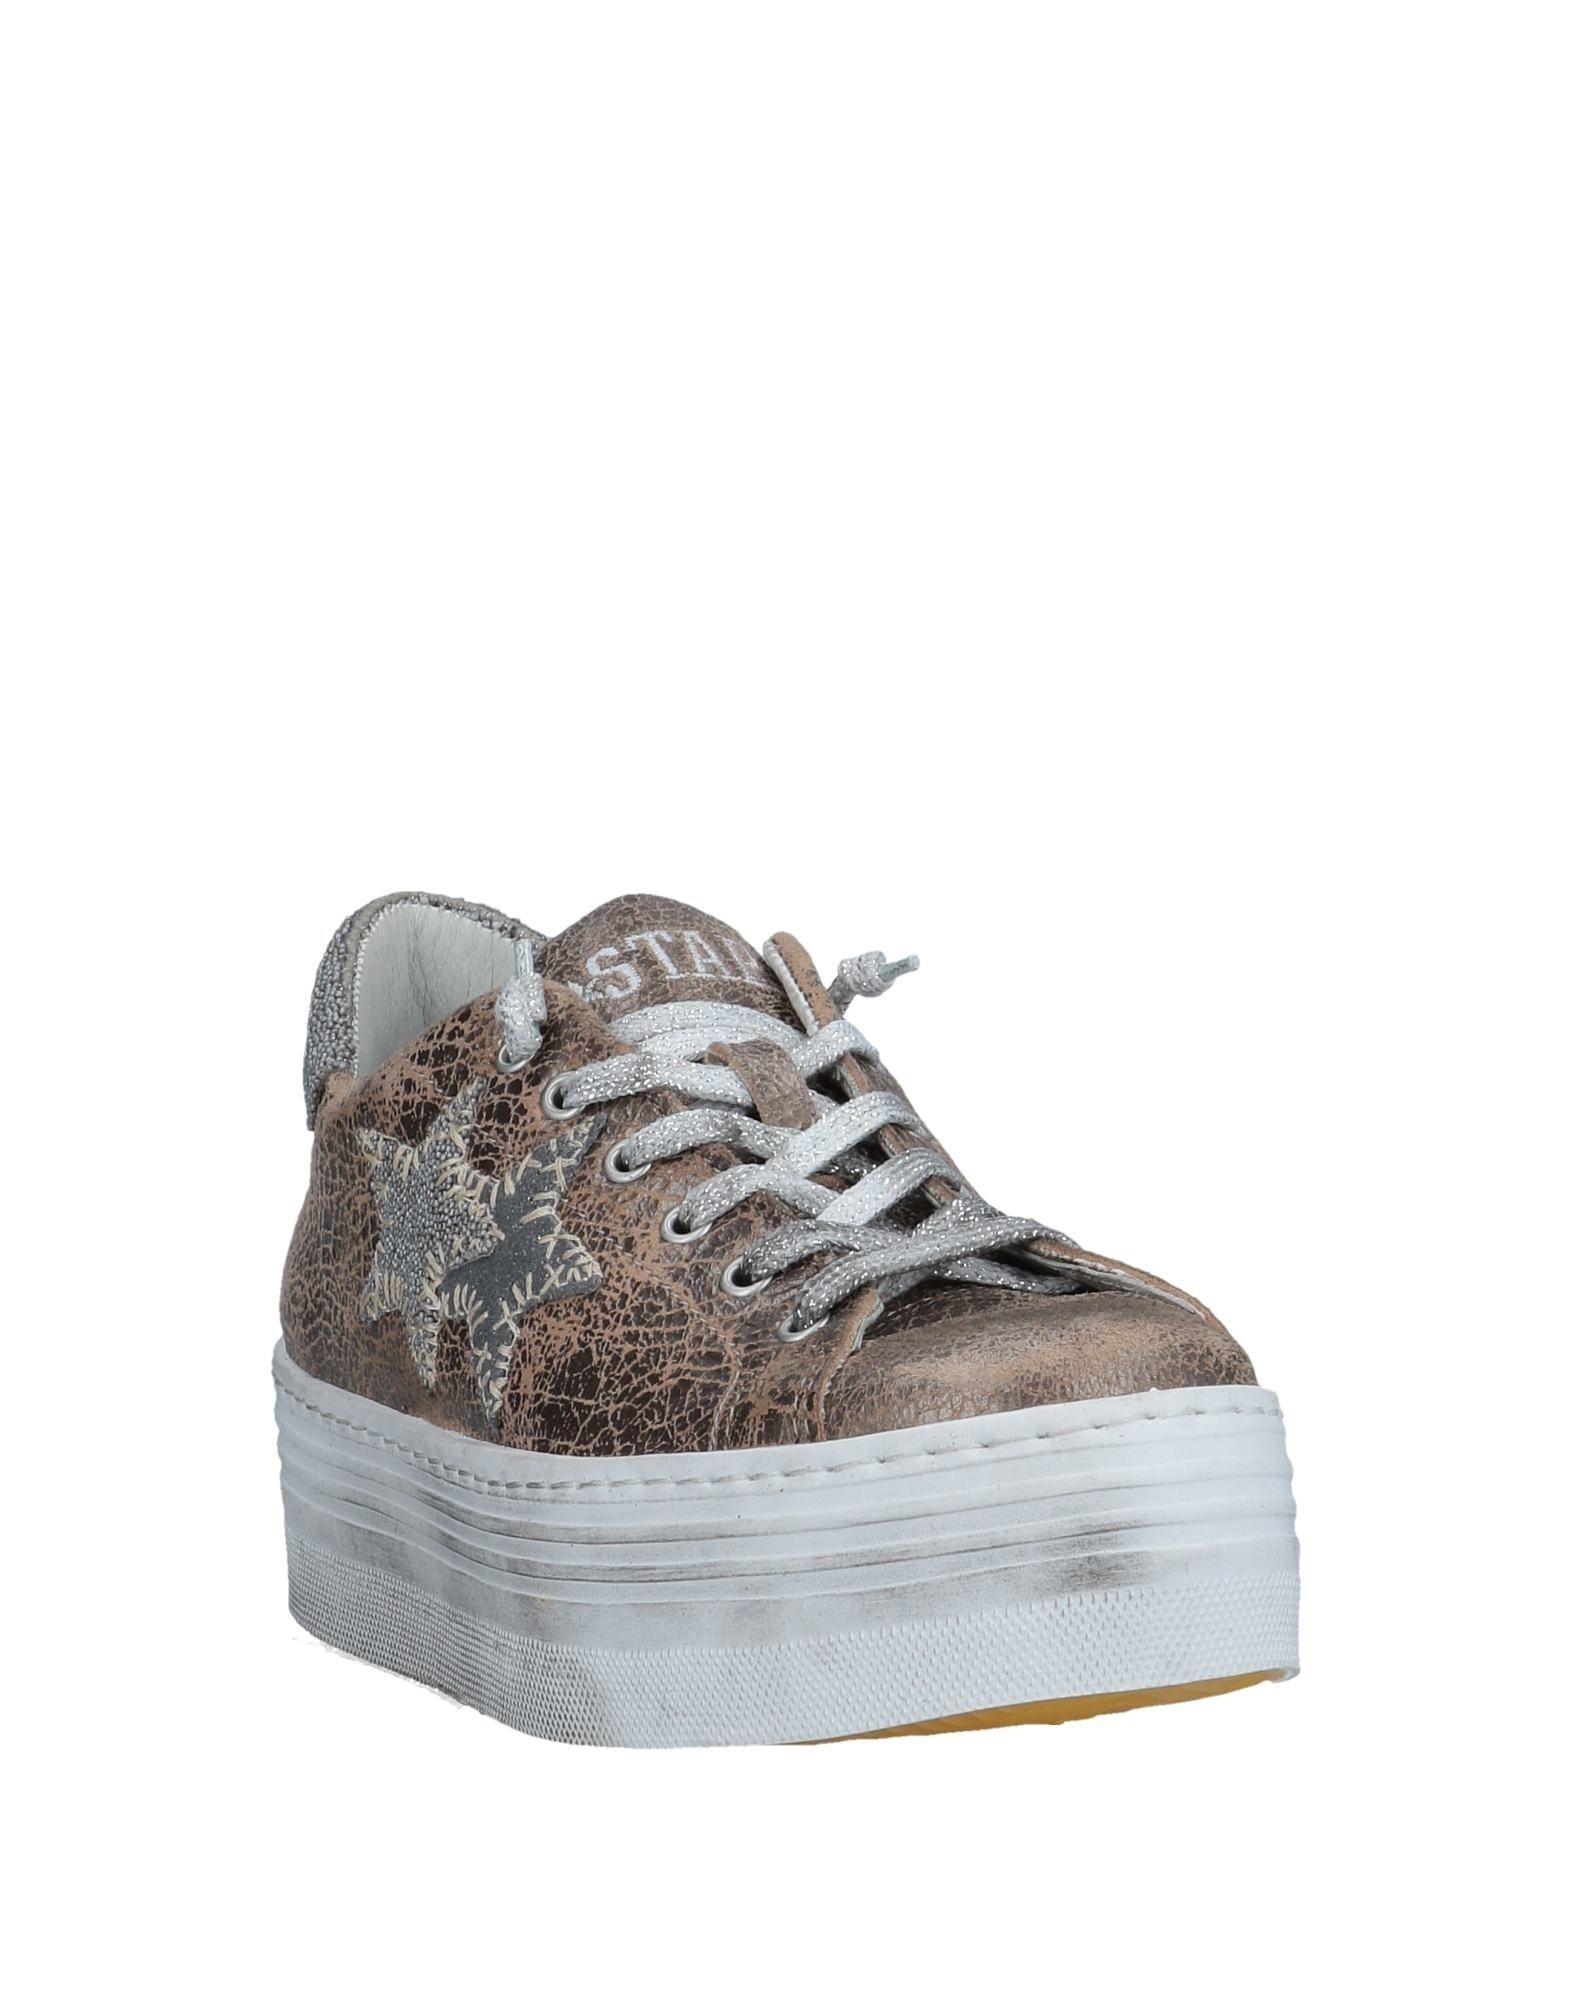 2Star Sneakers Damen  Schuhe 11553935HE Gute Qualität beliebte Schuhe  53704e